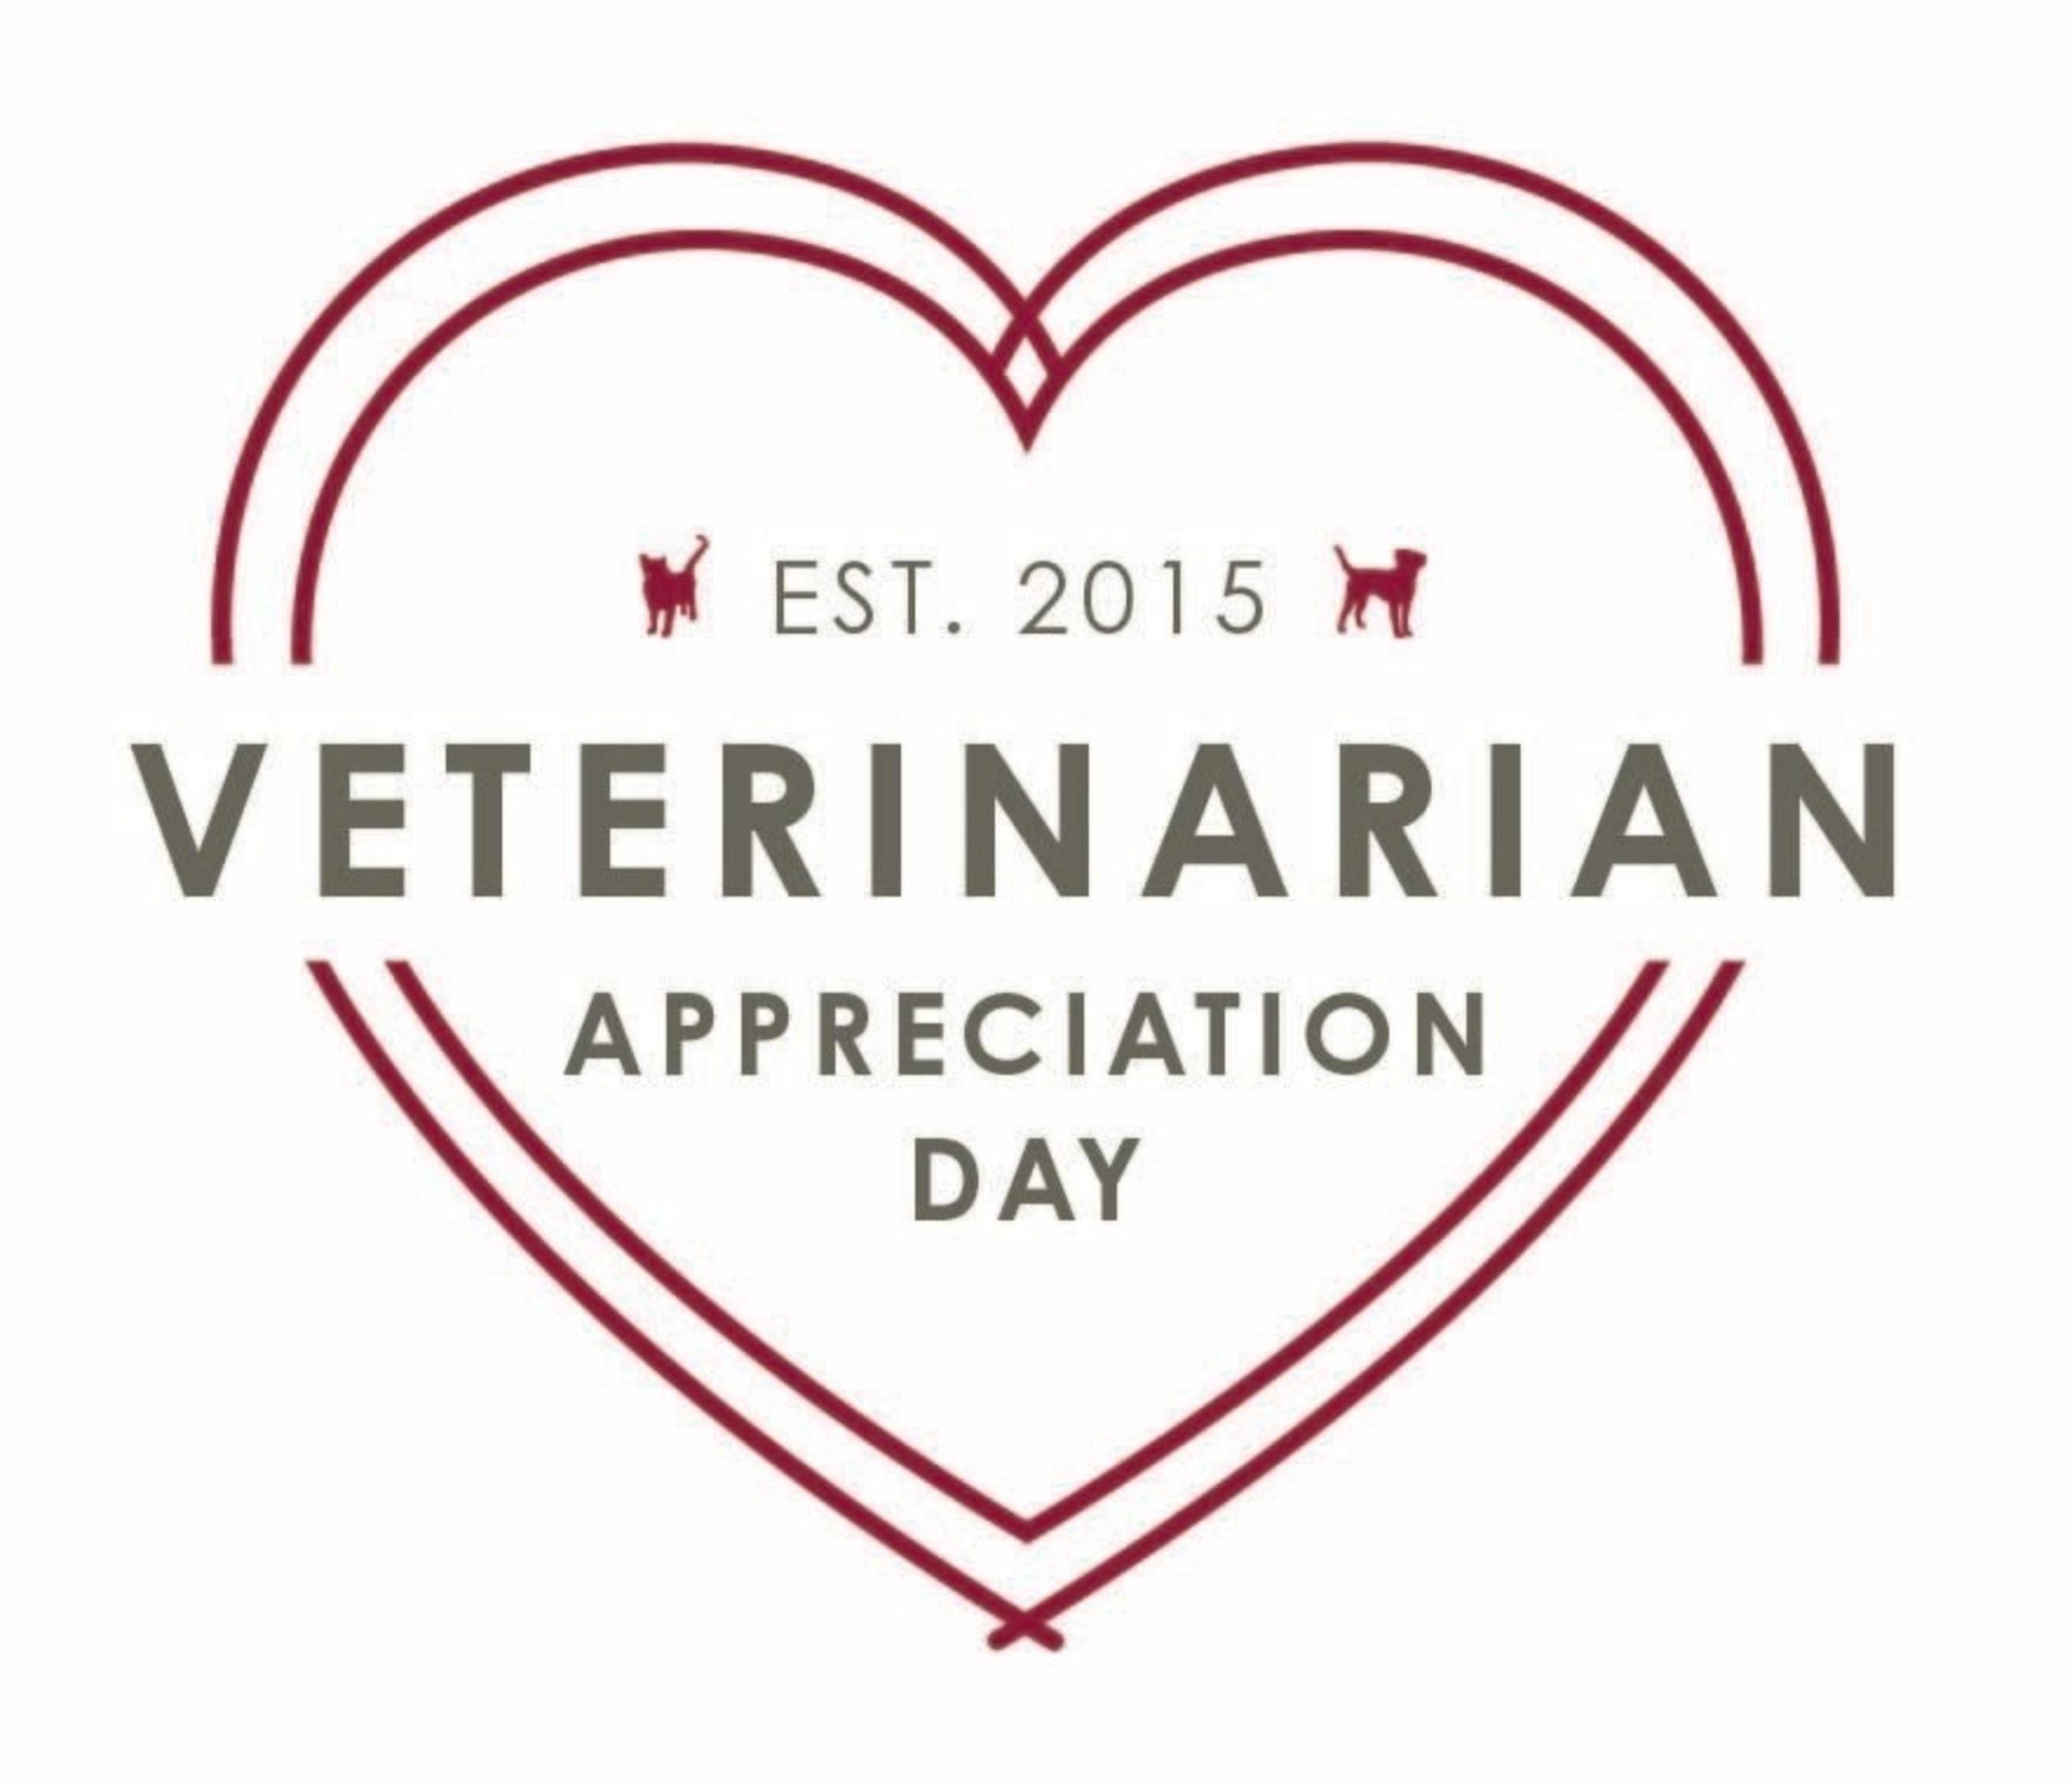 Trupanion Announces Veterinarian Appreciation Day to Recognize Veterinarians #ThankAVeterinarian